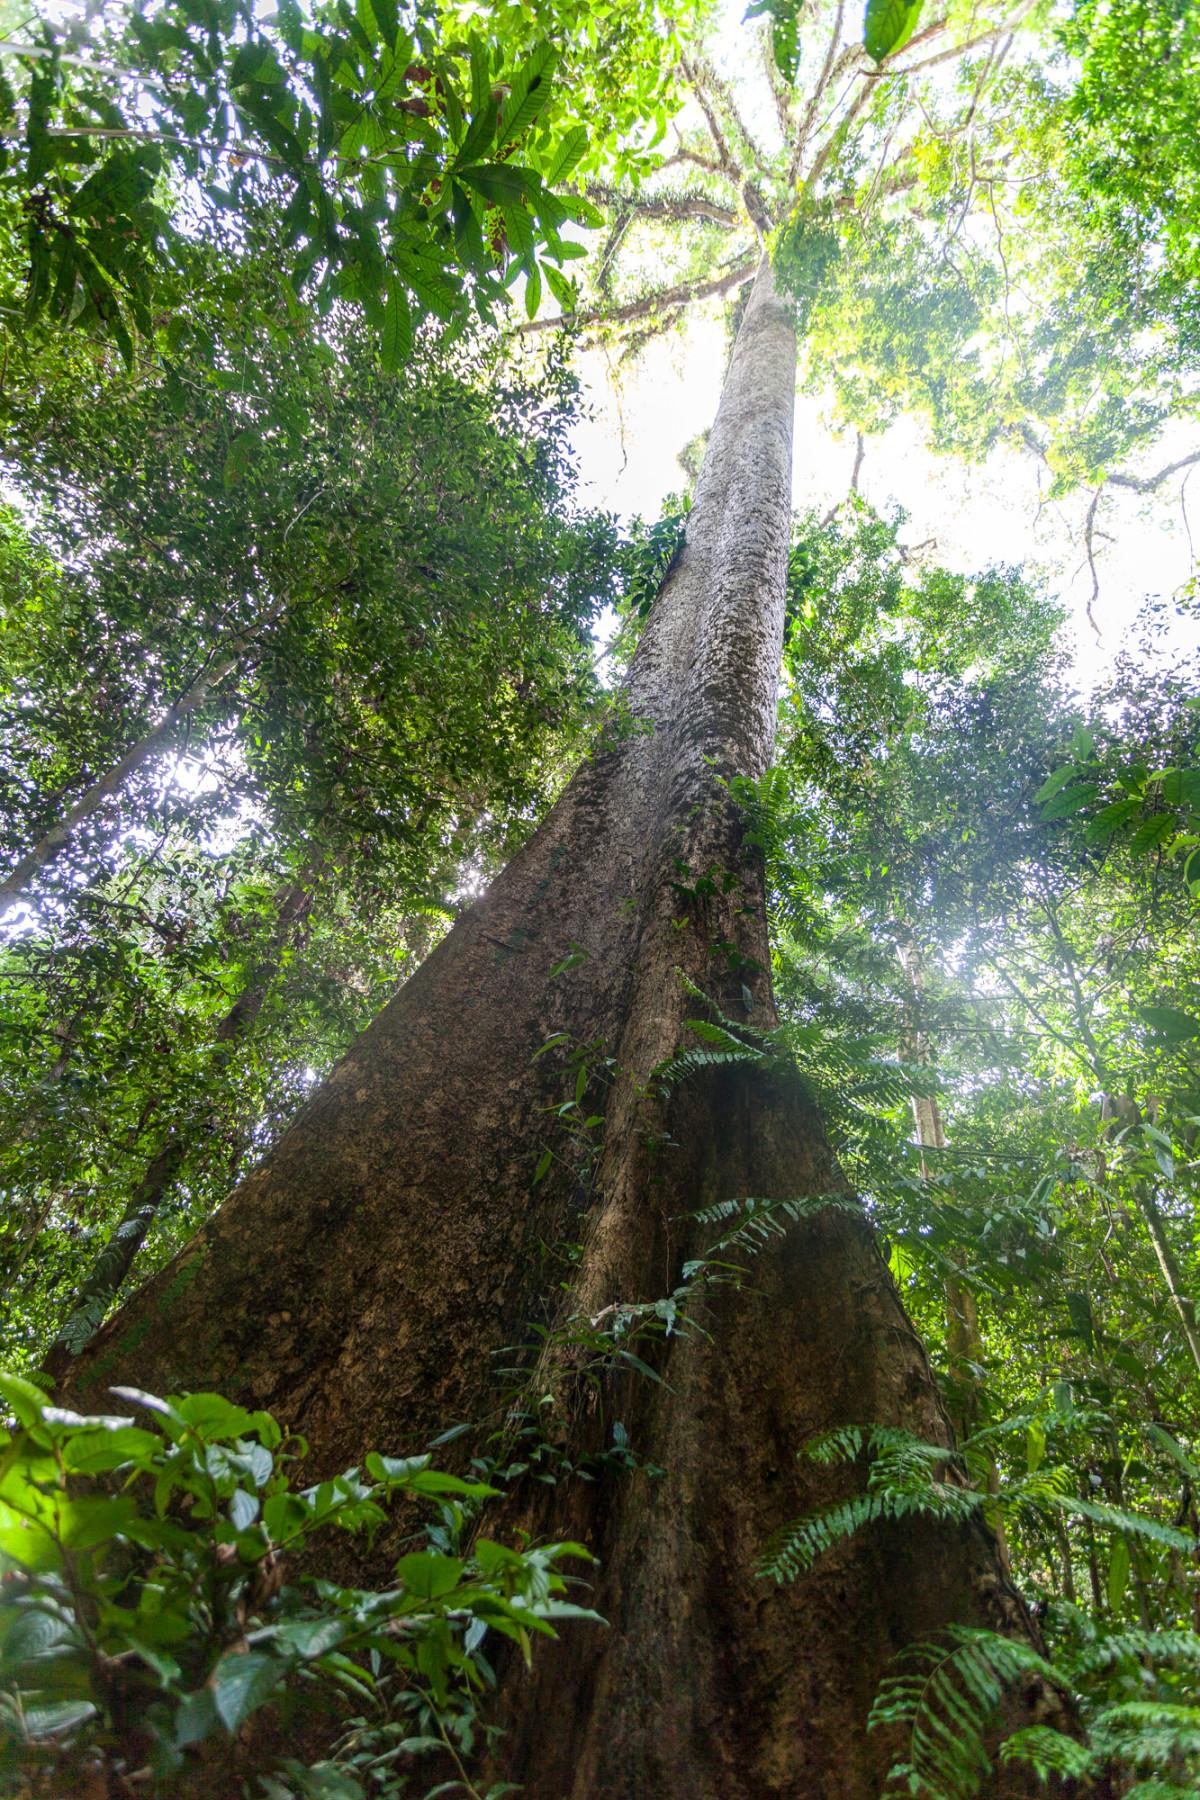 Gunung-Mulu-National-Park-Borneo-21